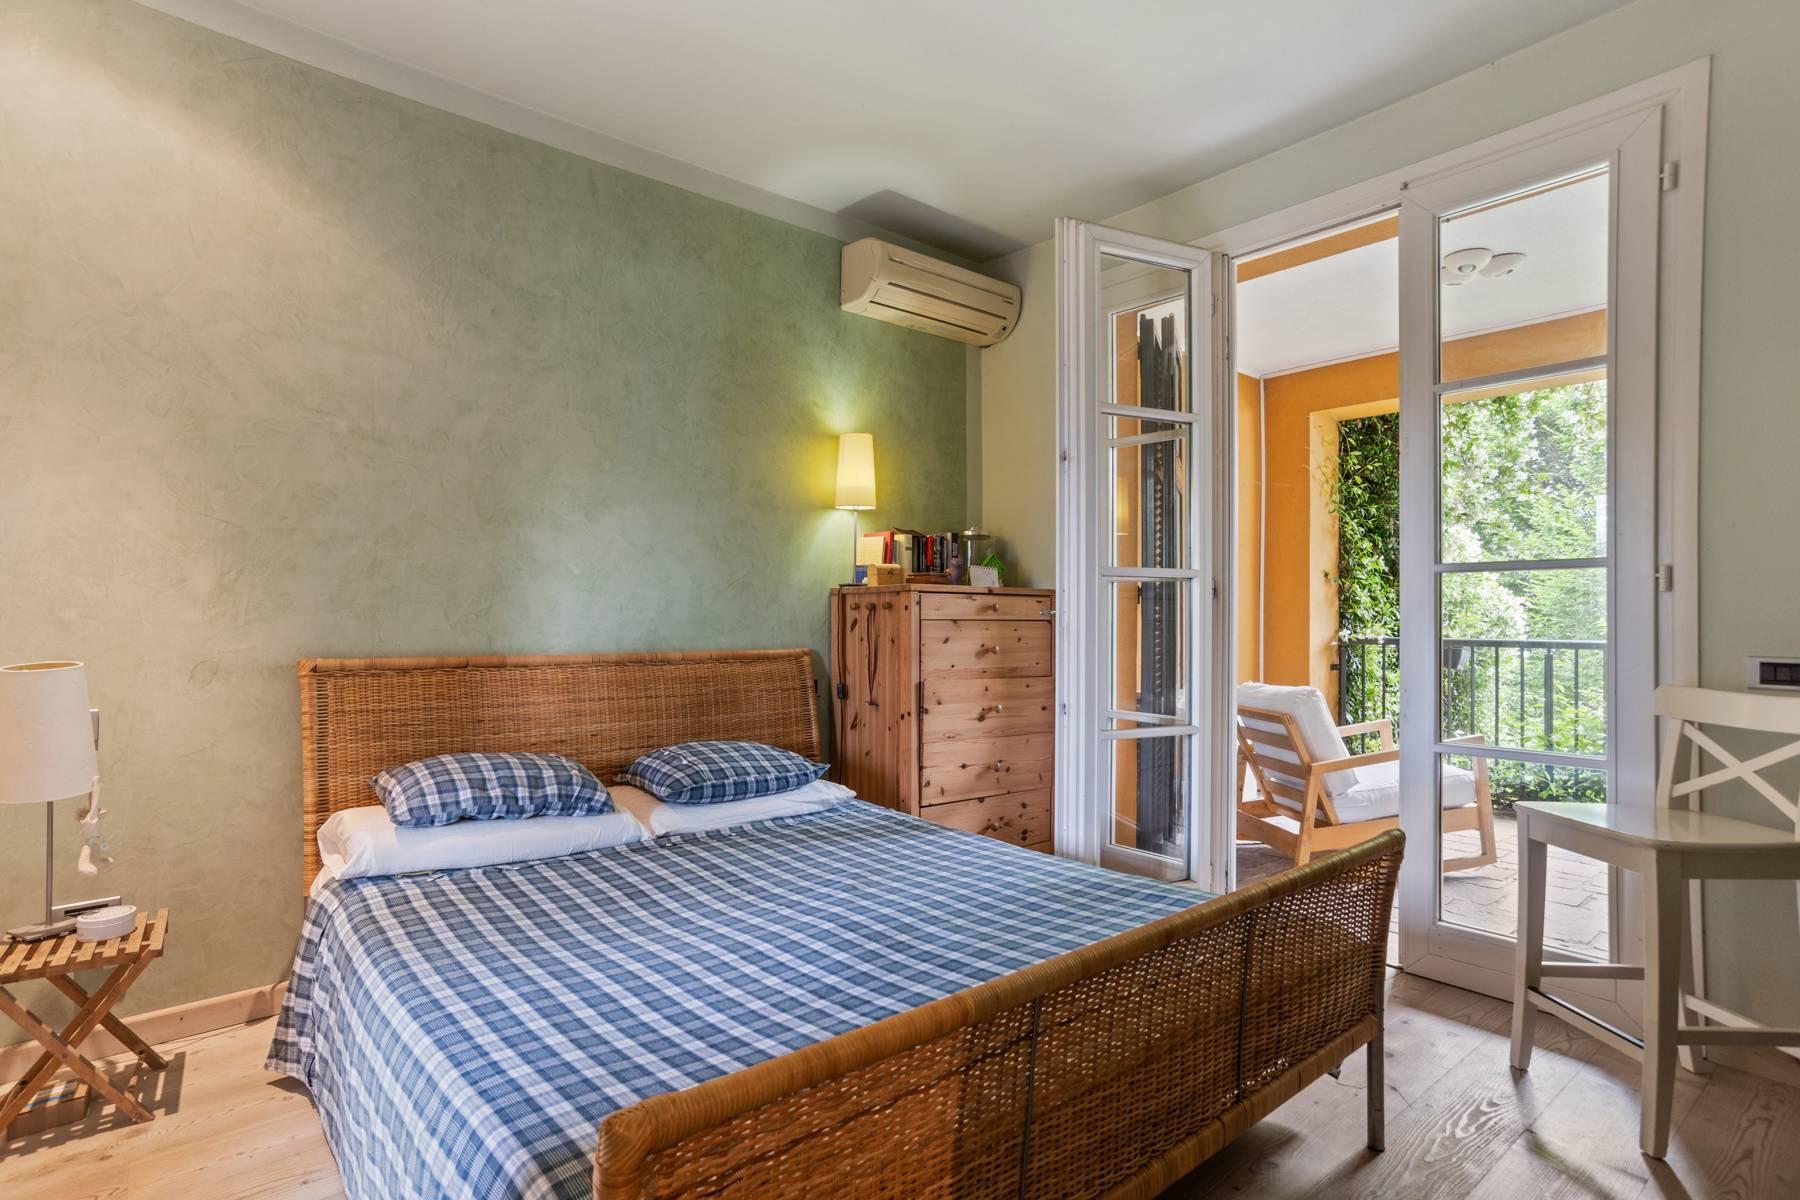 Villa in Vendita a Agrate Conturbia: 5 locali, 239 mq - Foto 17